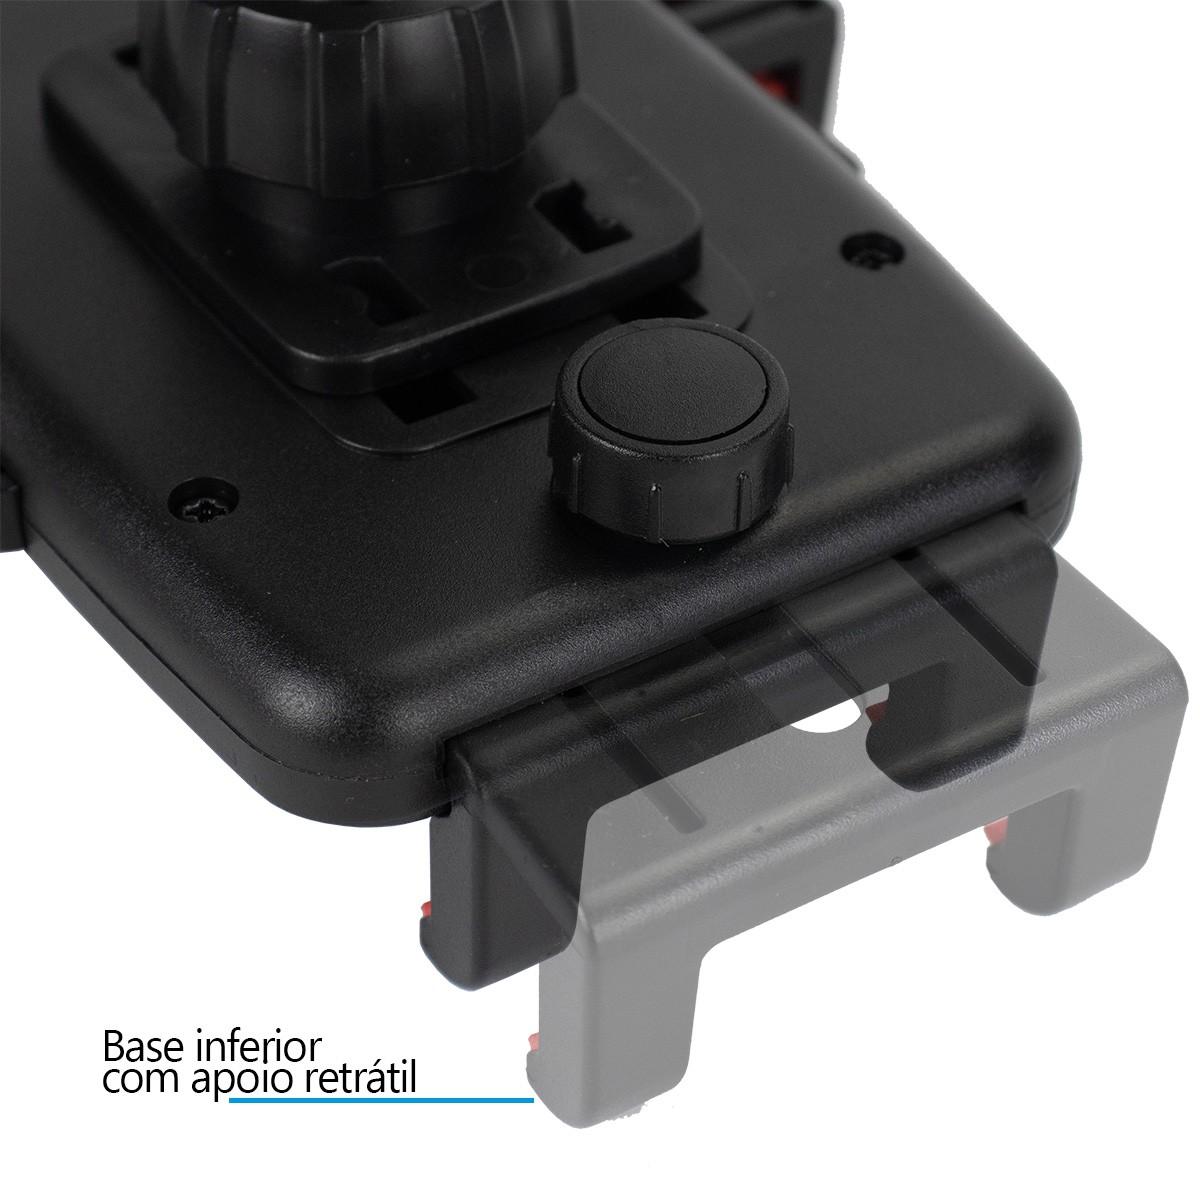 KIT Suporte Universal com Haste Exbom SP-T24 + Carregador Veicular Turbo 36W B-Max